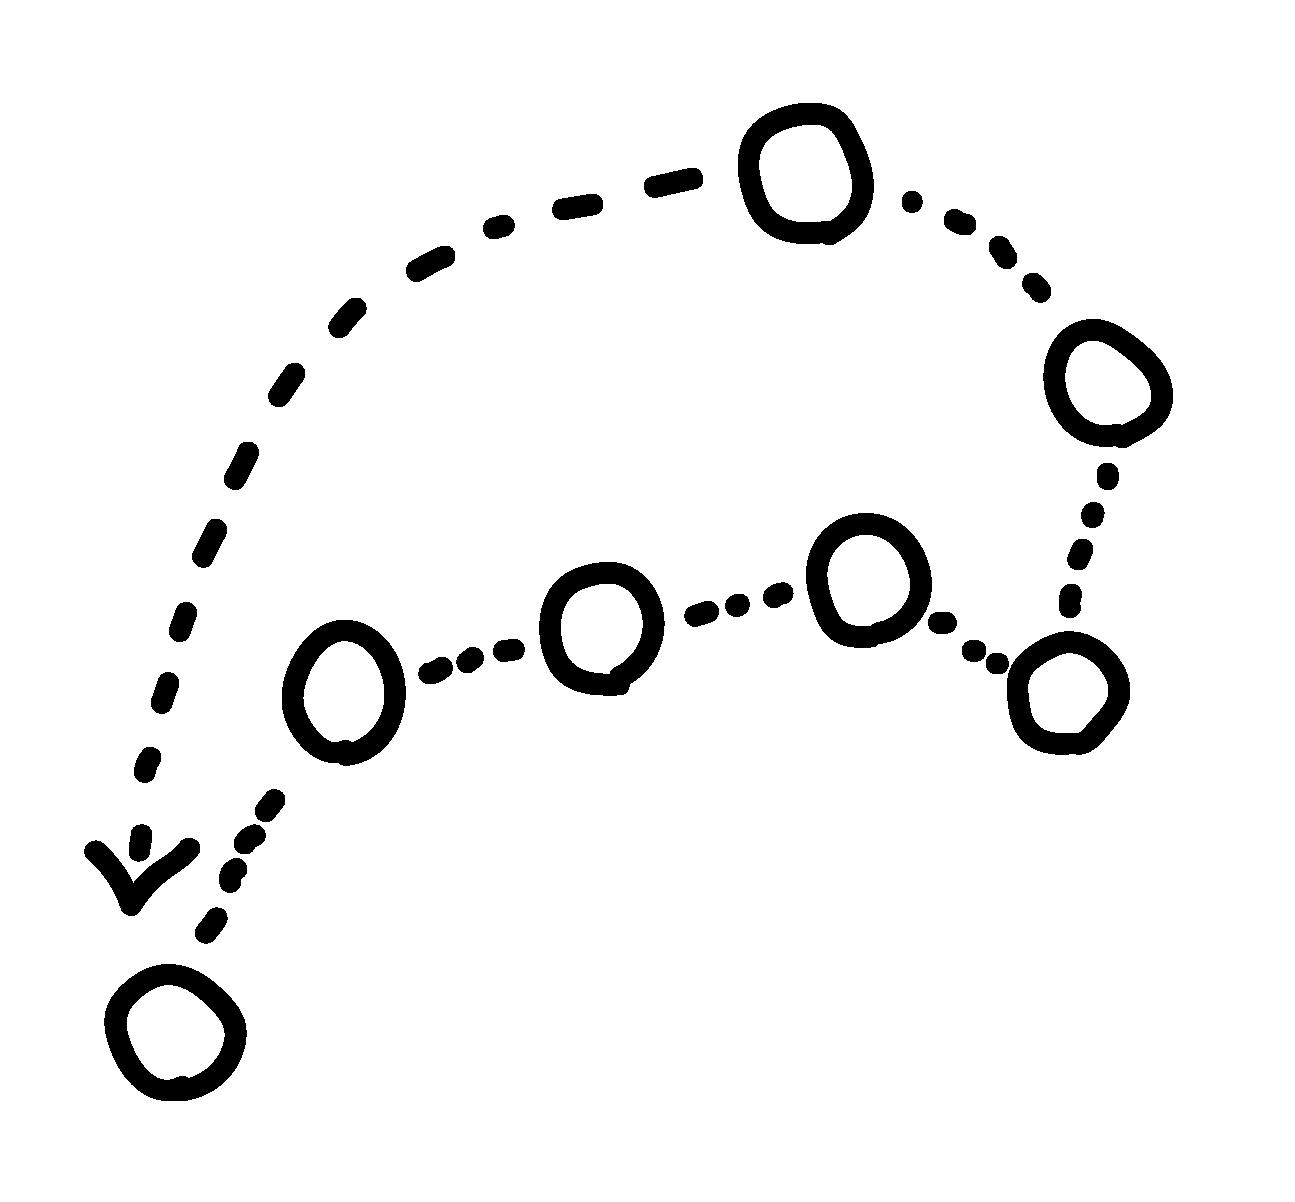 7thサイクル